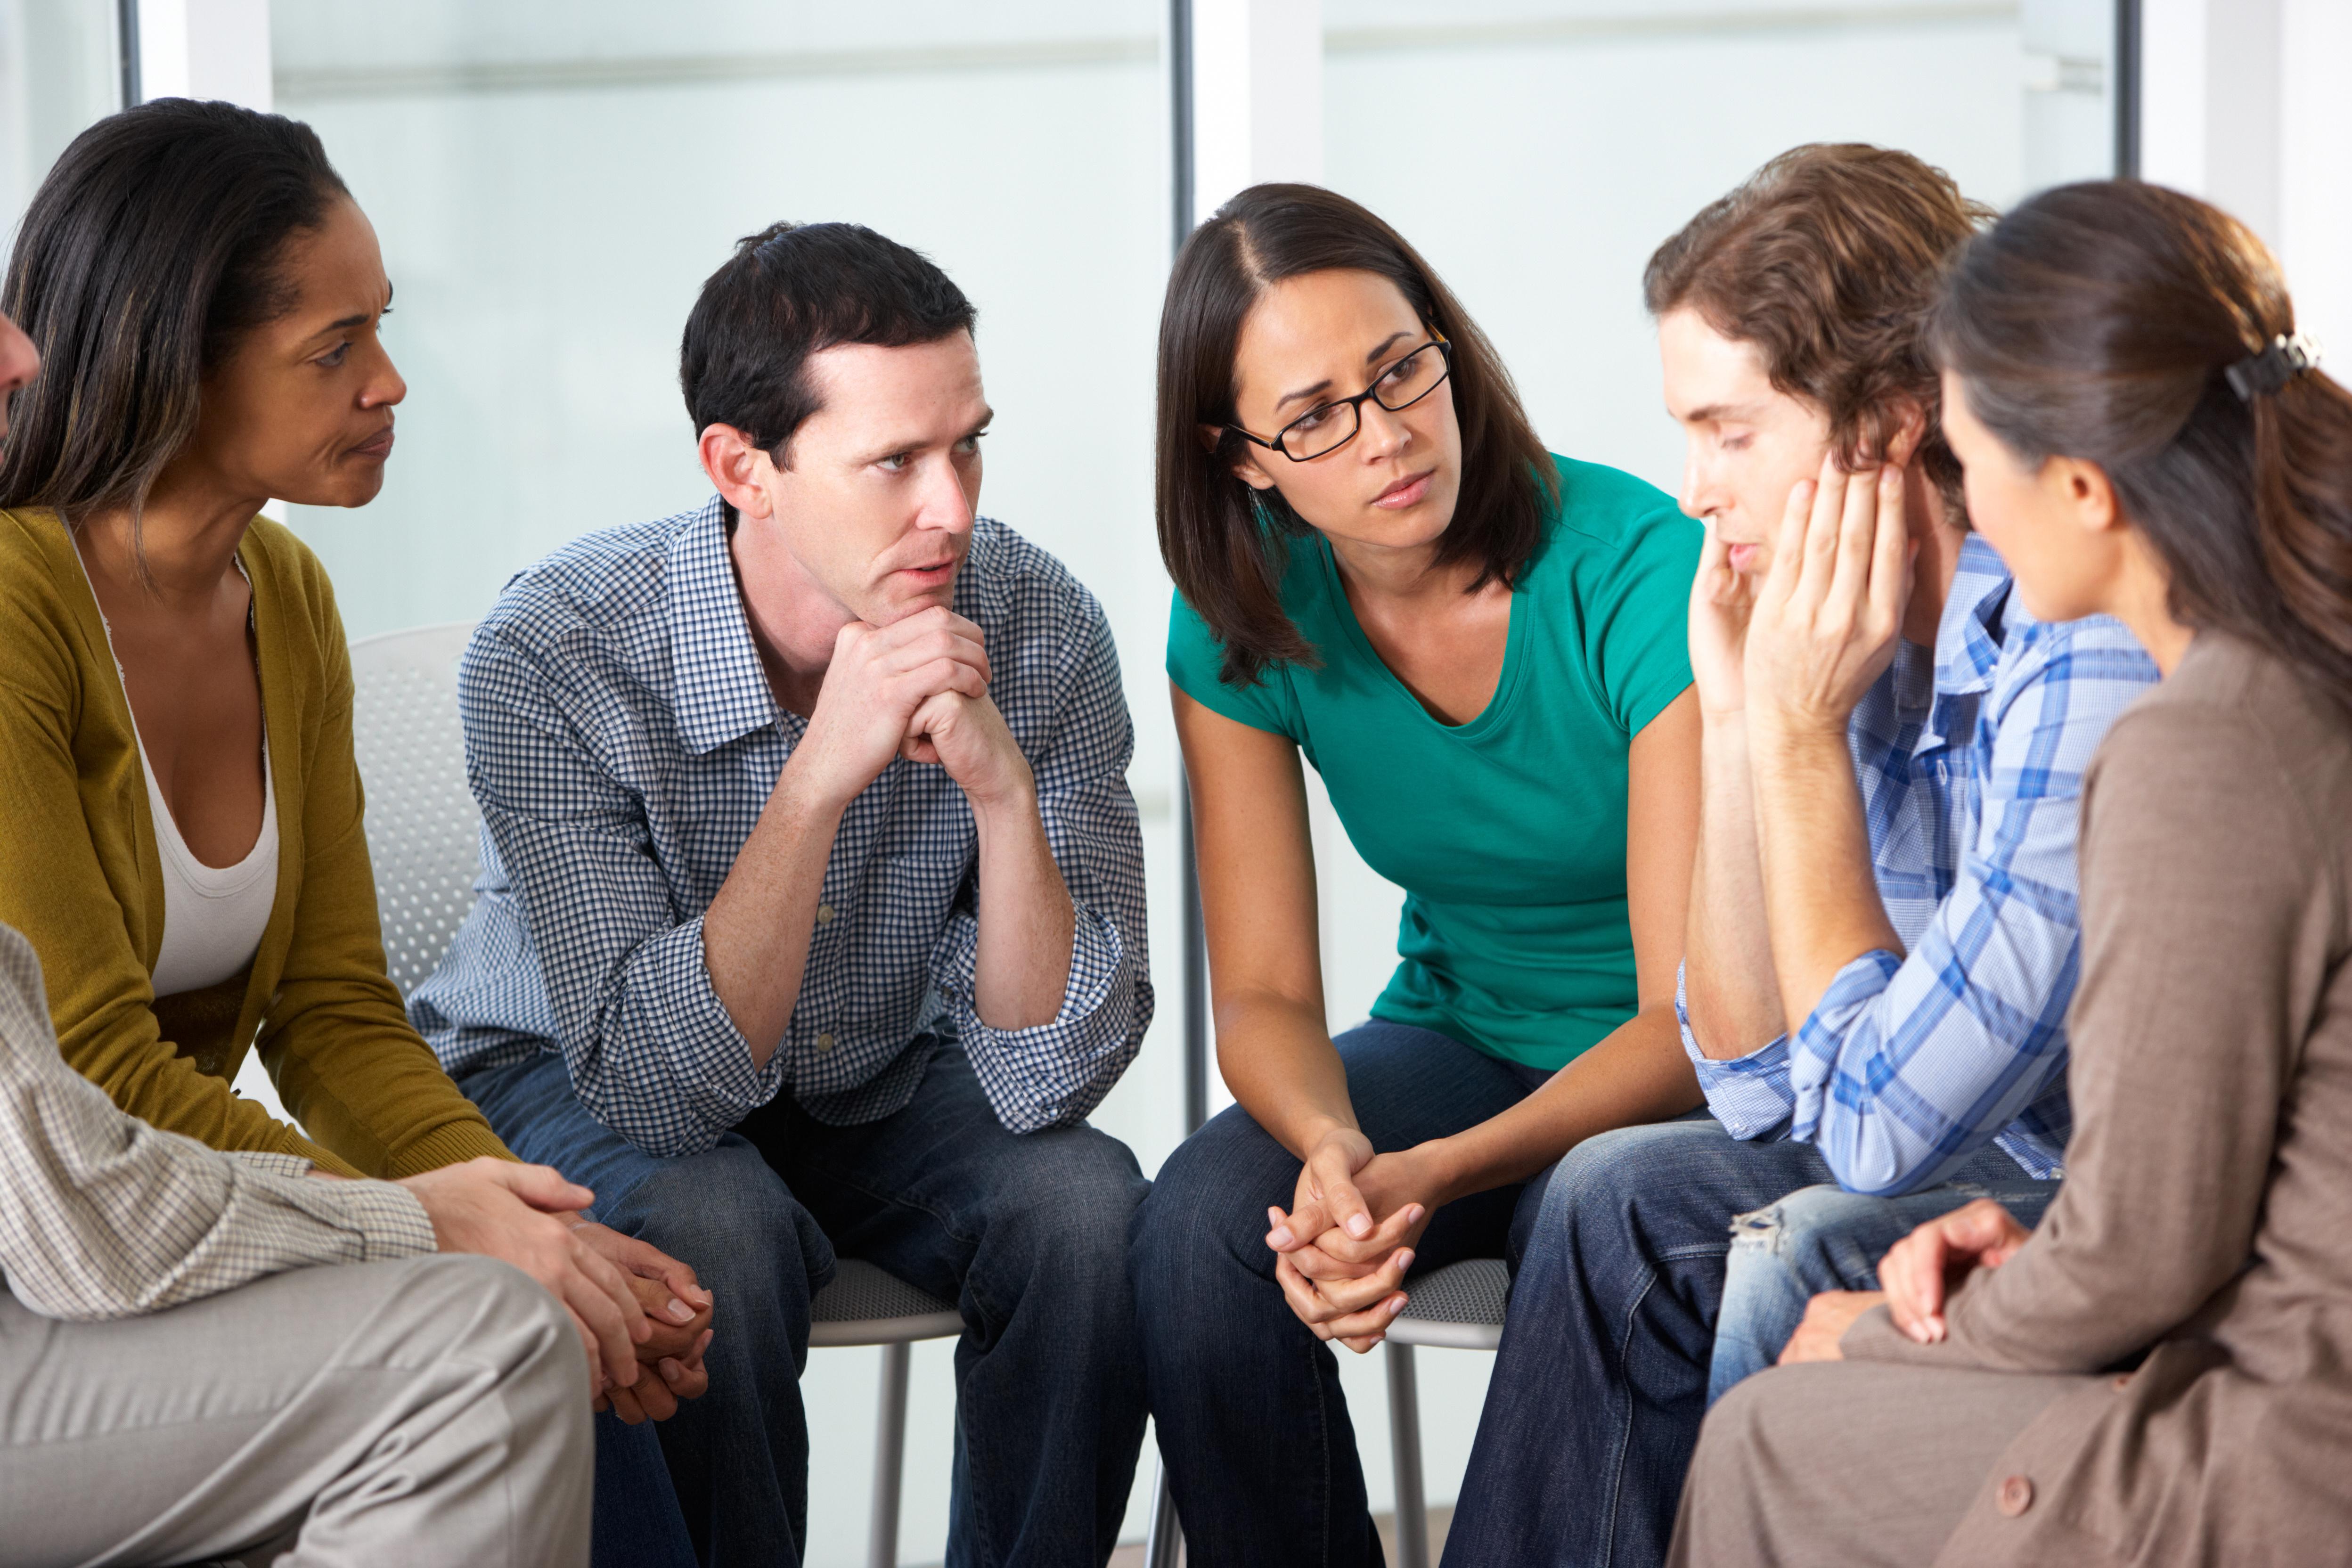 Как проявляется депрессия: причины, симптомы, консультации психологов и психотерапевтов, диагноз, лечение и восстановление психологического состояния человека